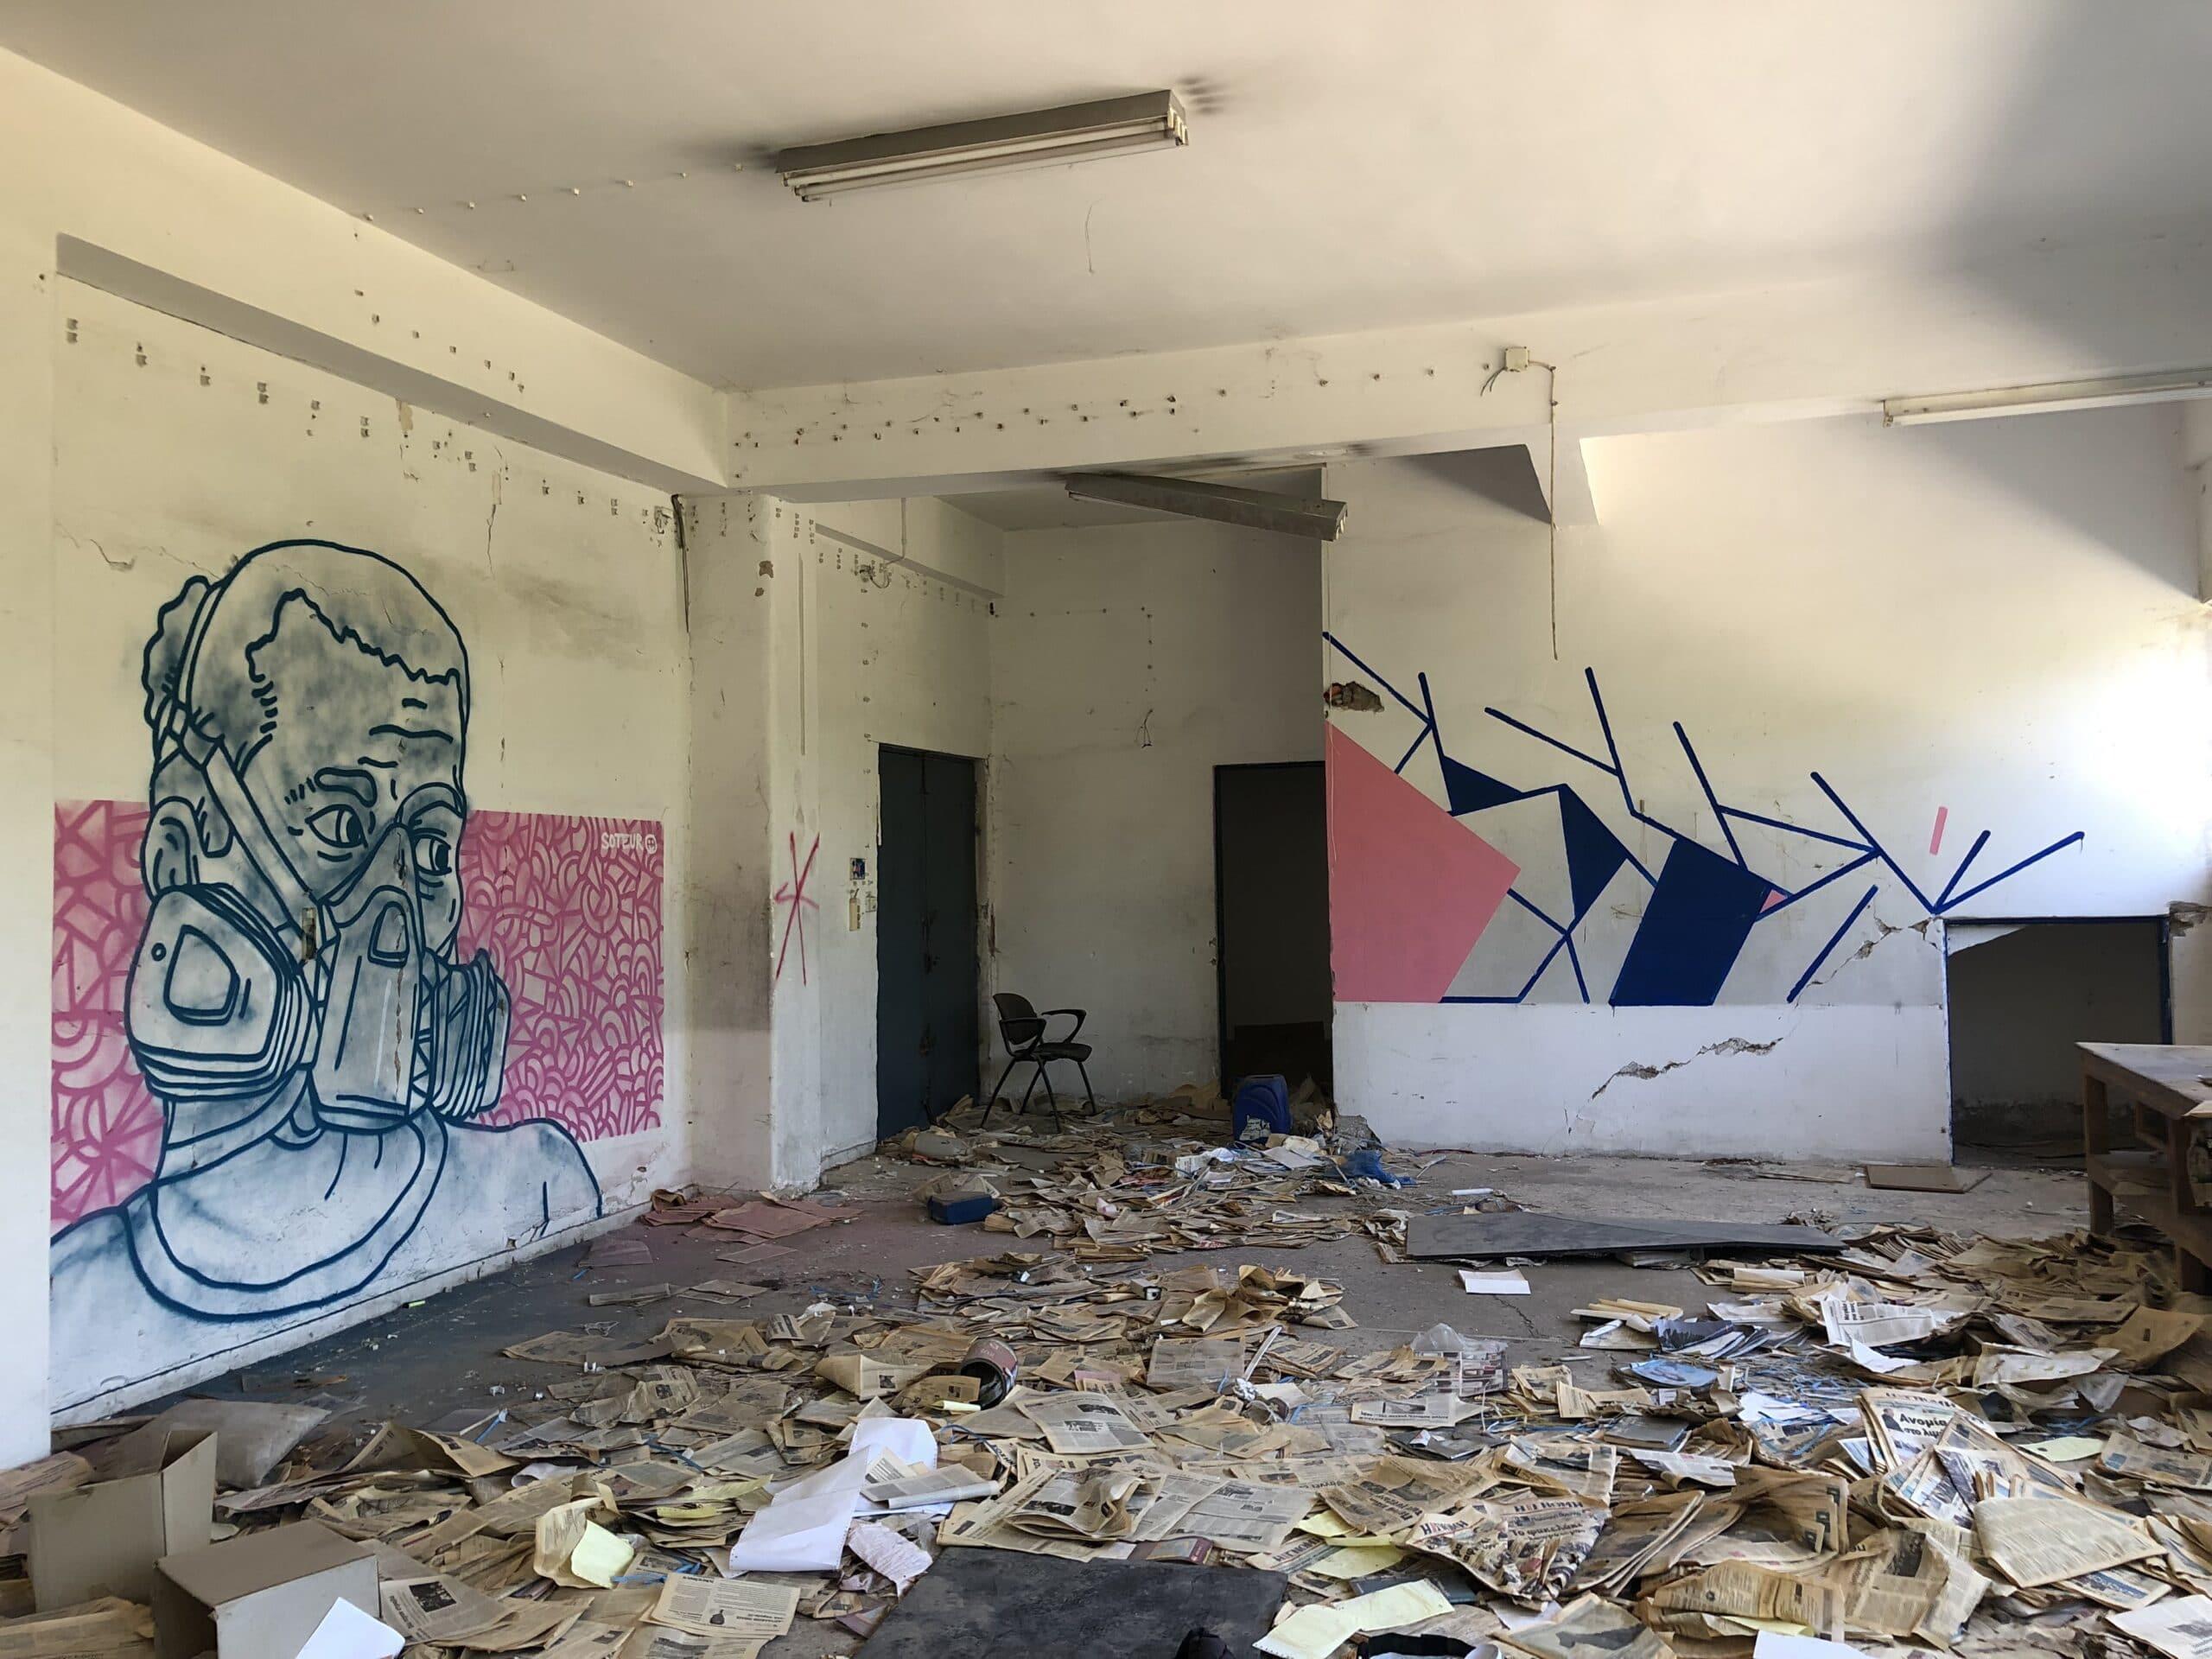 Δεκάδες έργα σε μυστικές τοποθεσίες της πόλης - Δύο από τους καλύτερους street artist της χώρας «εισβάλλουν» στην Πάτρα ΦΩΤΟ